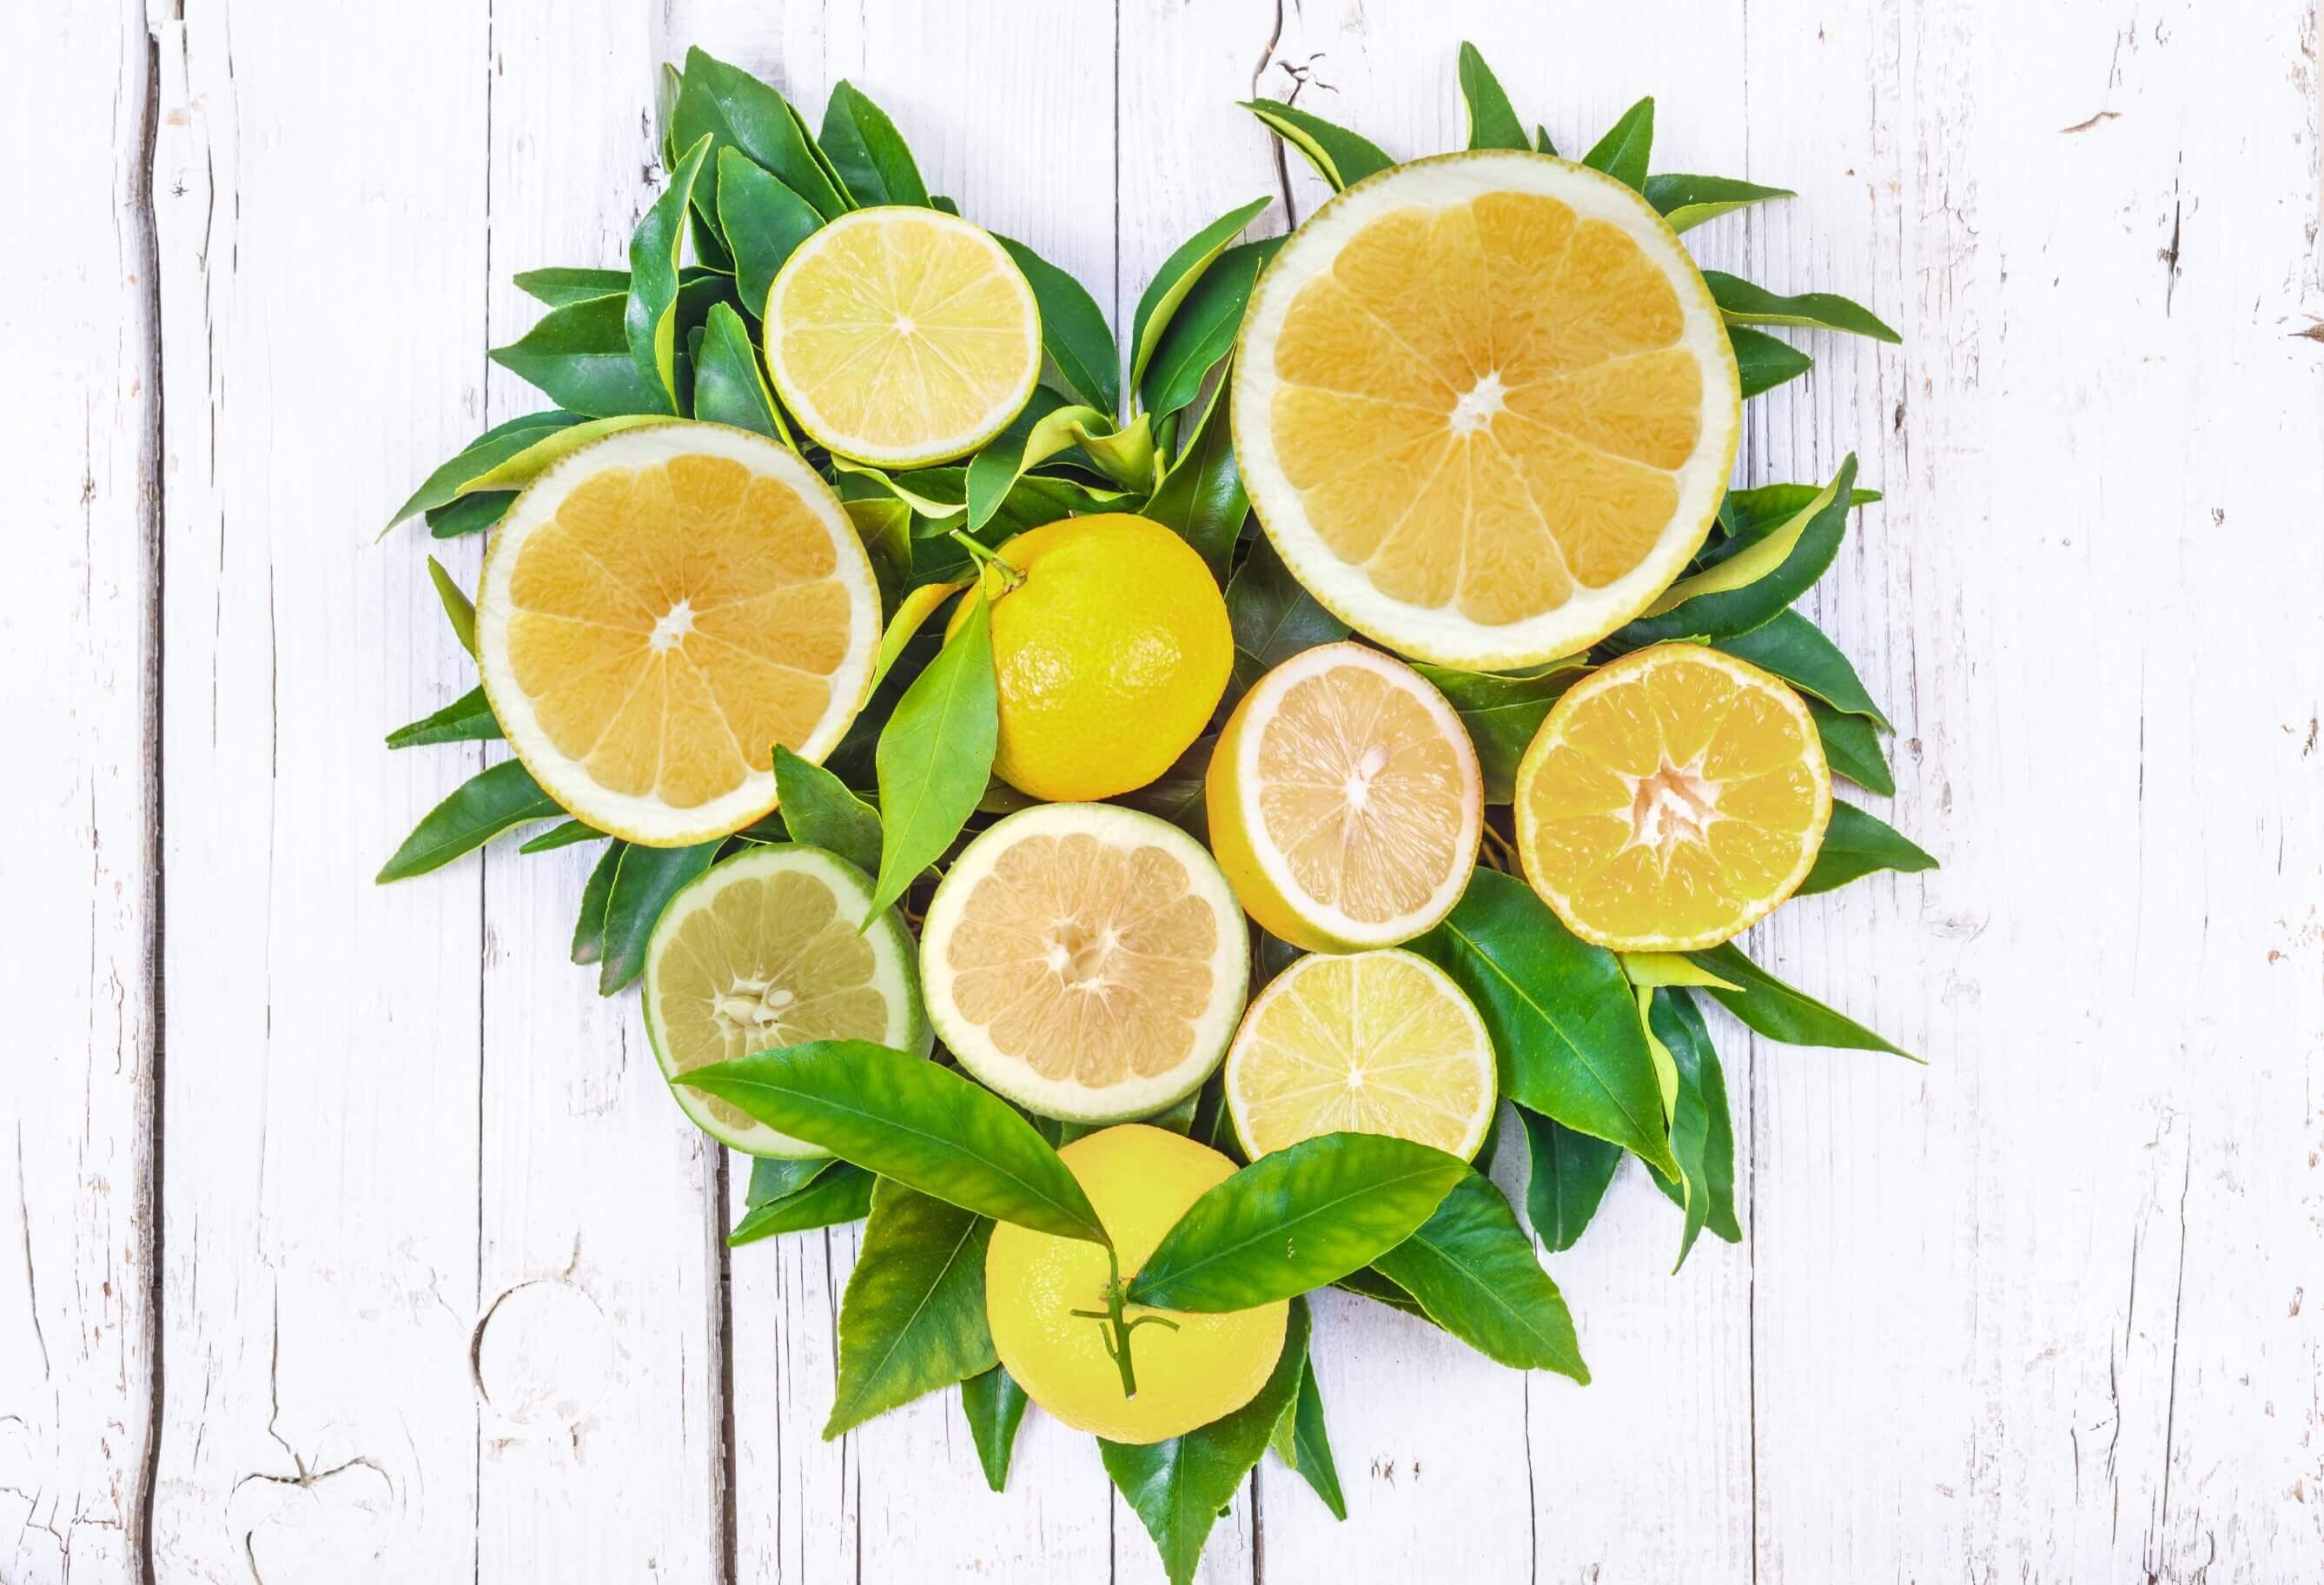 фрукт свити и другие цитрусовые фото